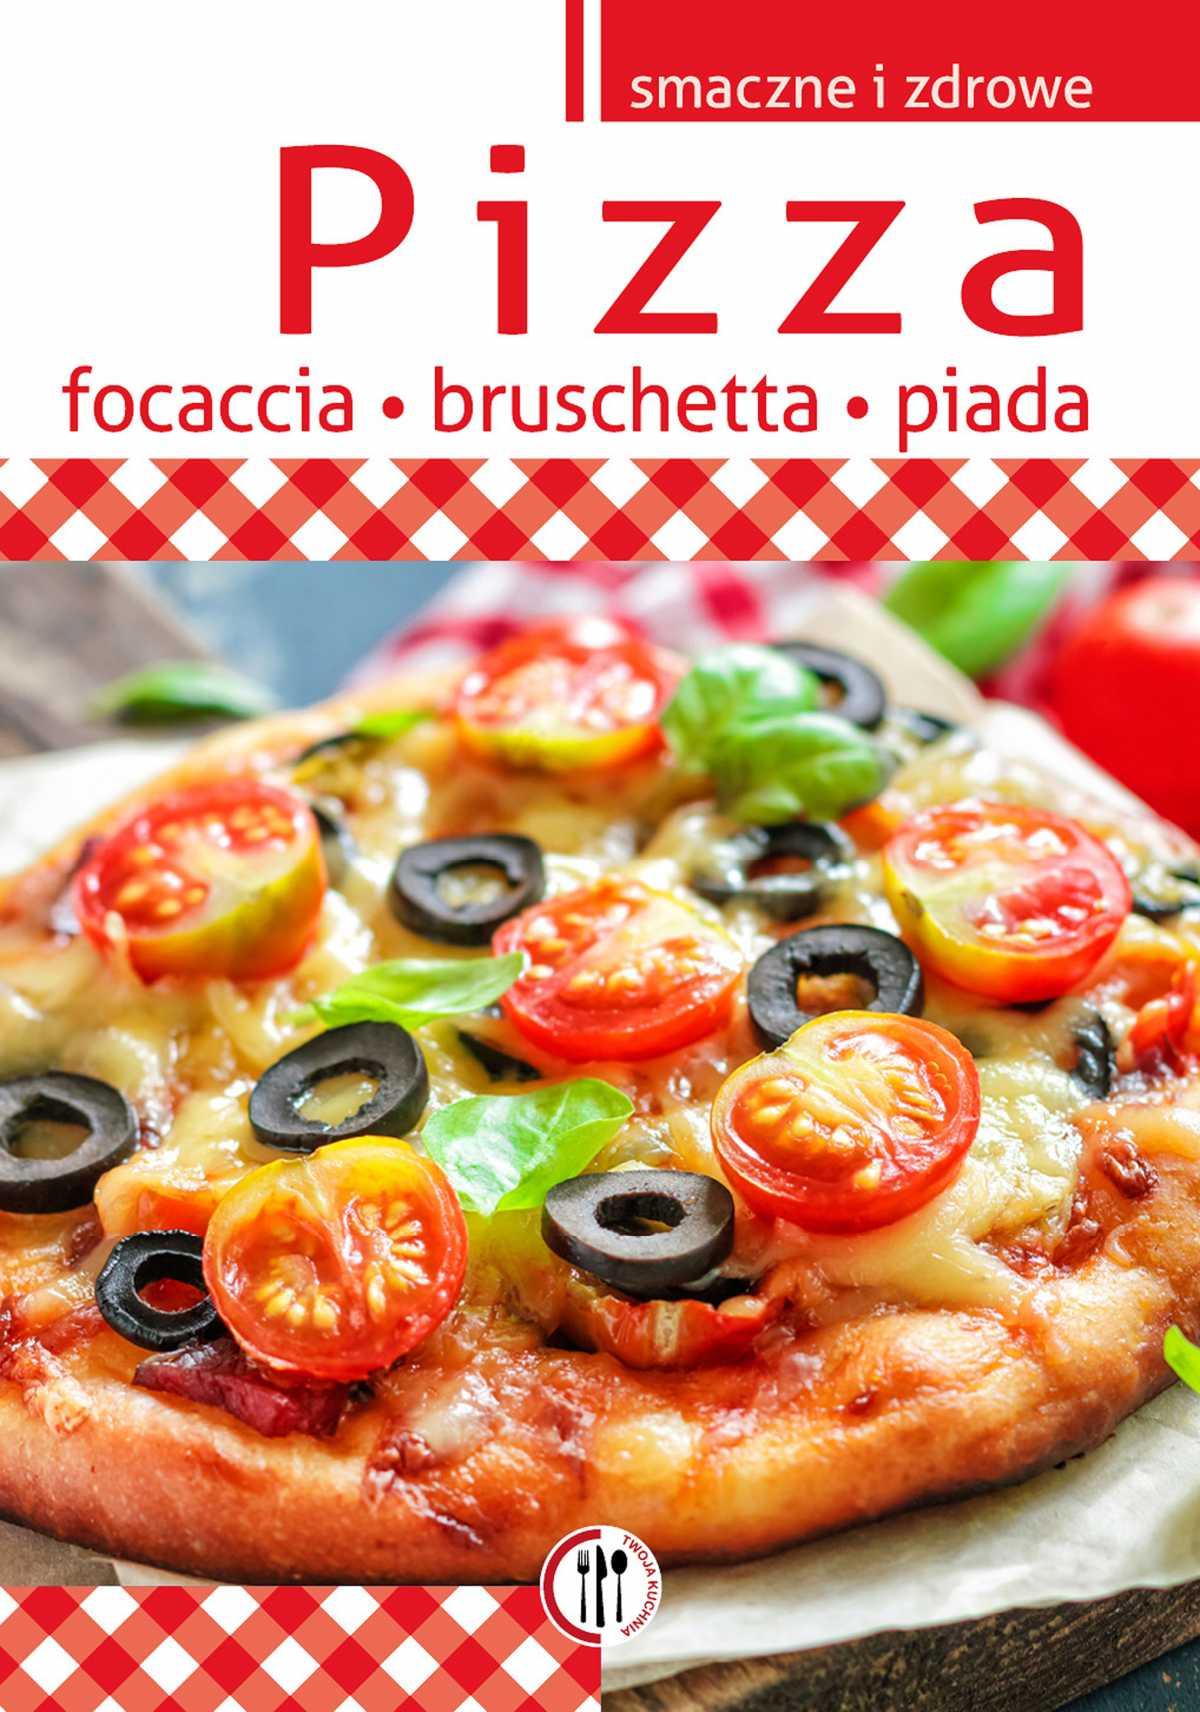 Pizza, focaccia, bruschetta, piada - Ebook (Książka PDF) do pobrania w formacie PDF